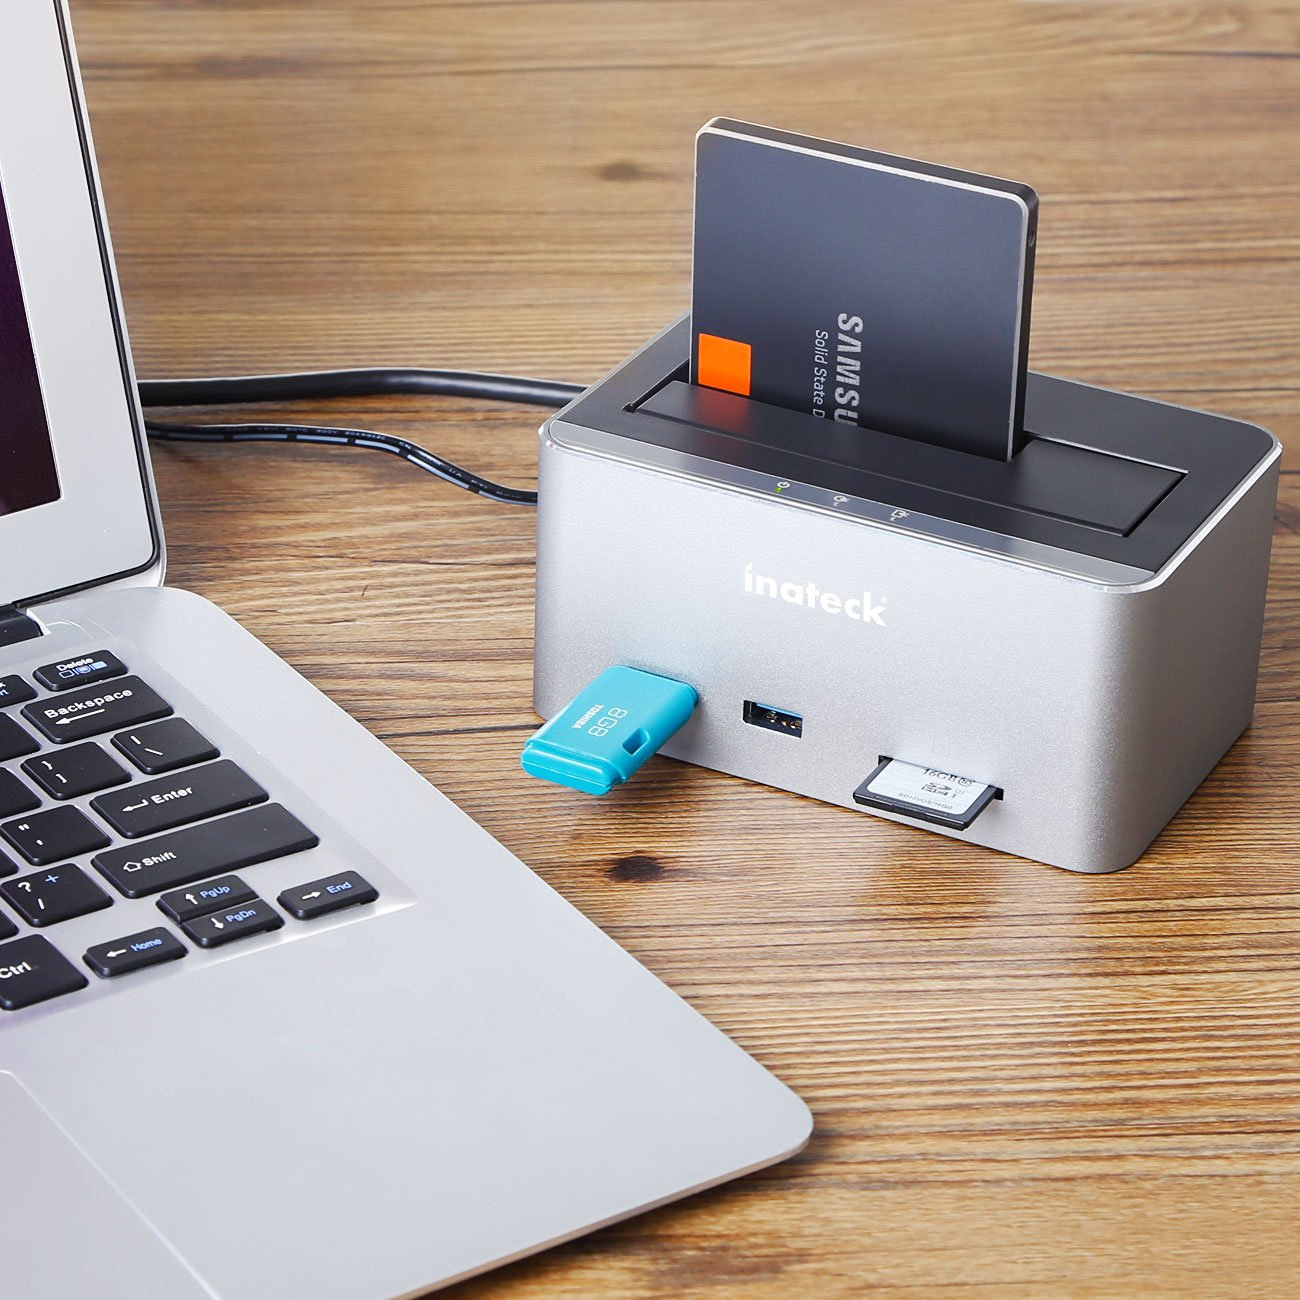 Docking station per dischi, con 2 USB e lettore SD: sconto a31,44 euro